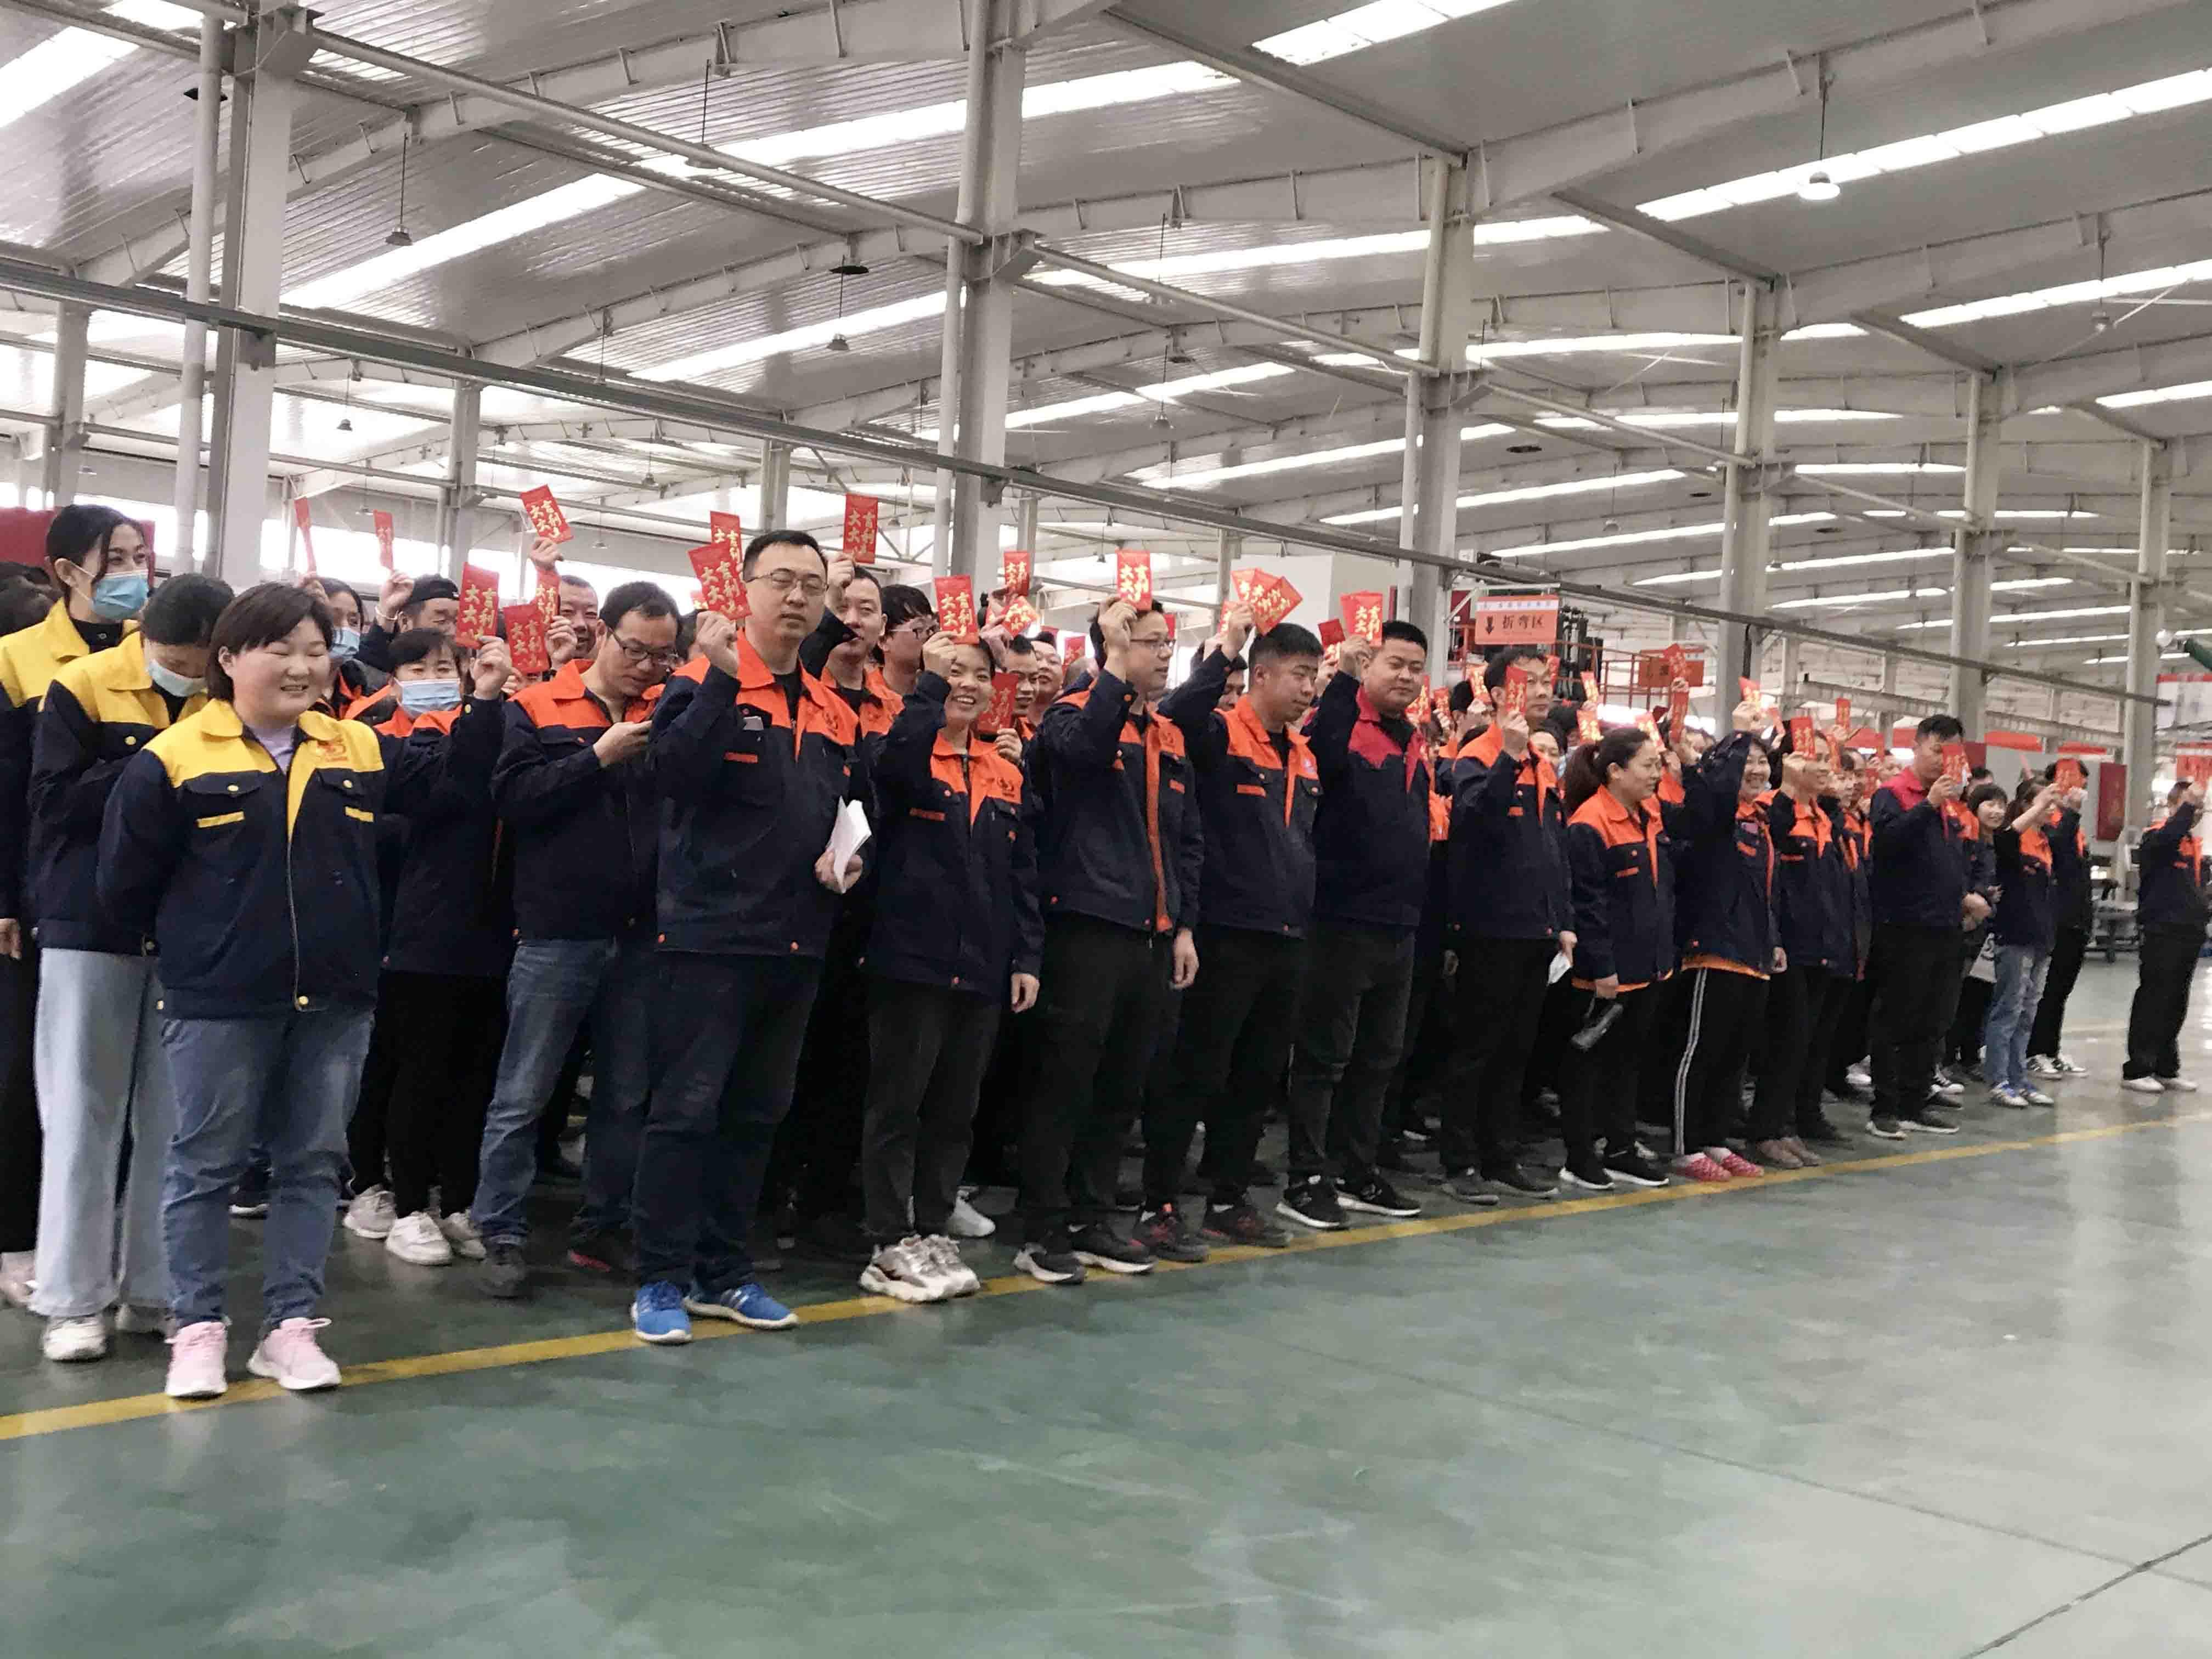 勞動最光榮|金盛鋁業集團兩大生產基地舉辦年度獎金發放儀式